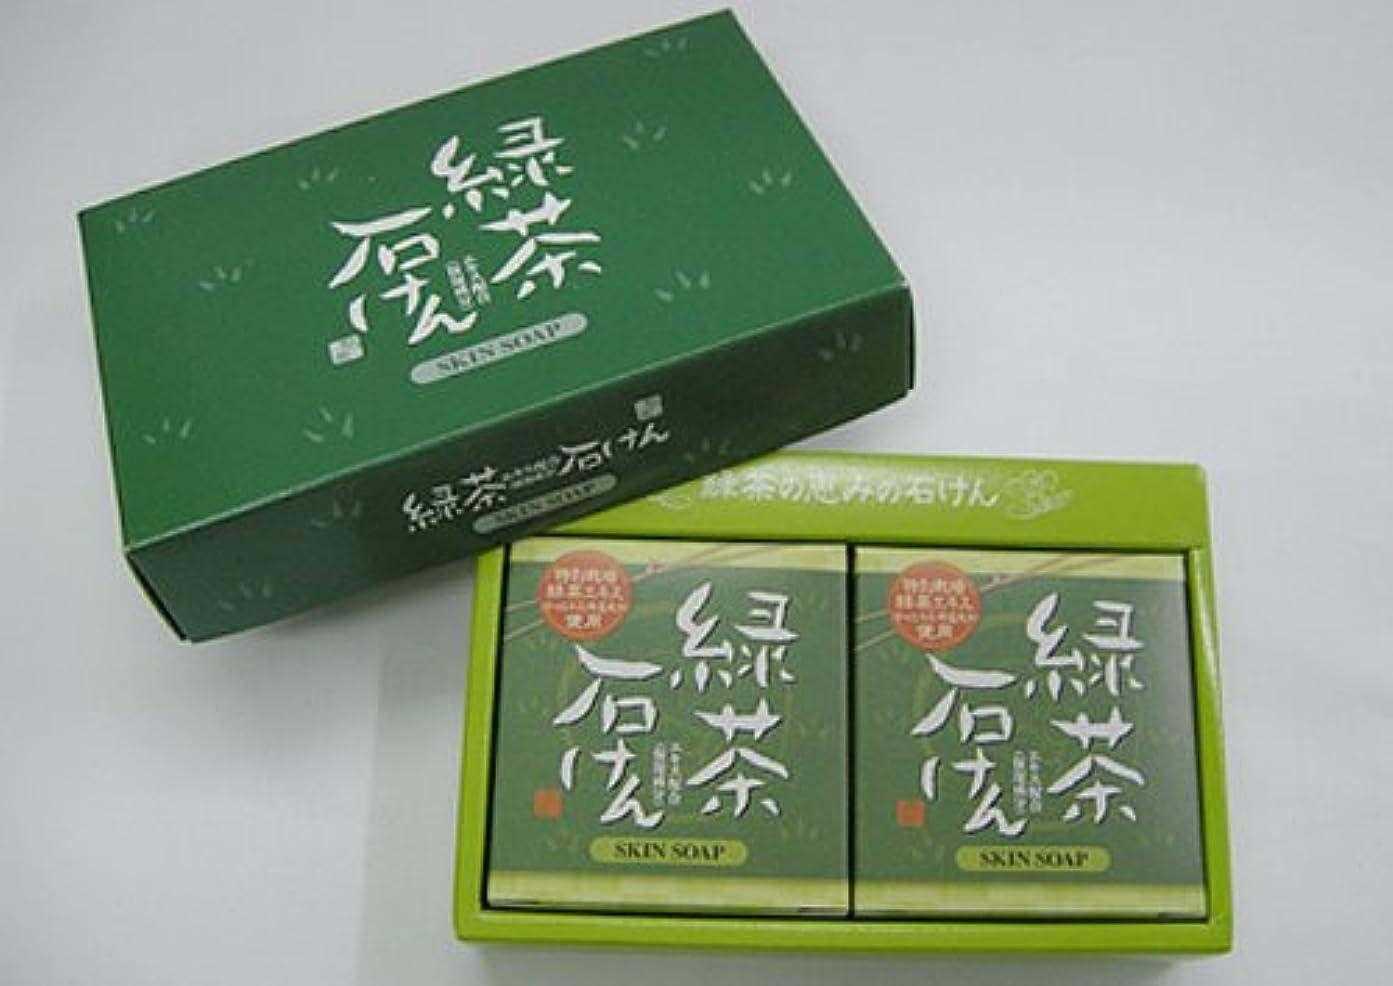 歯科医白内障仲介者緑茶せっけん(緑茶エキス配合石けん)2ヶ入り